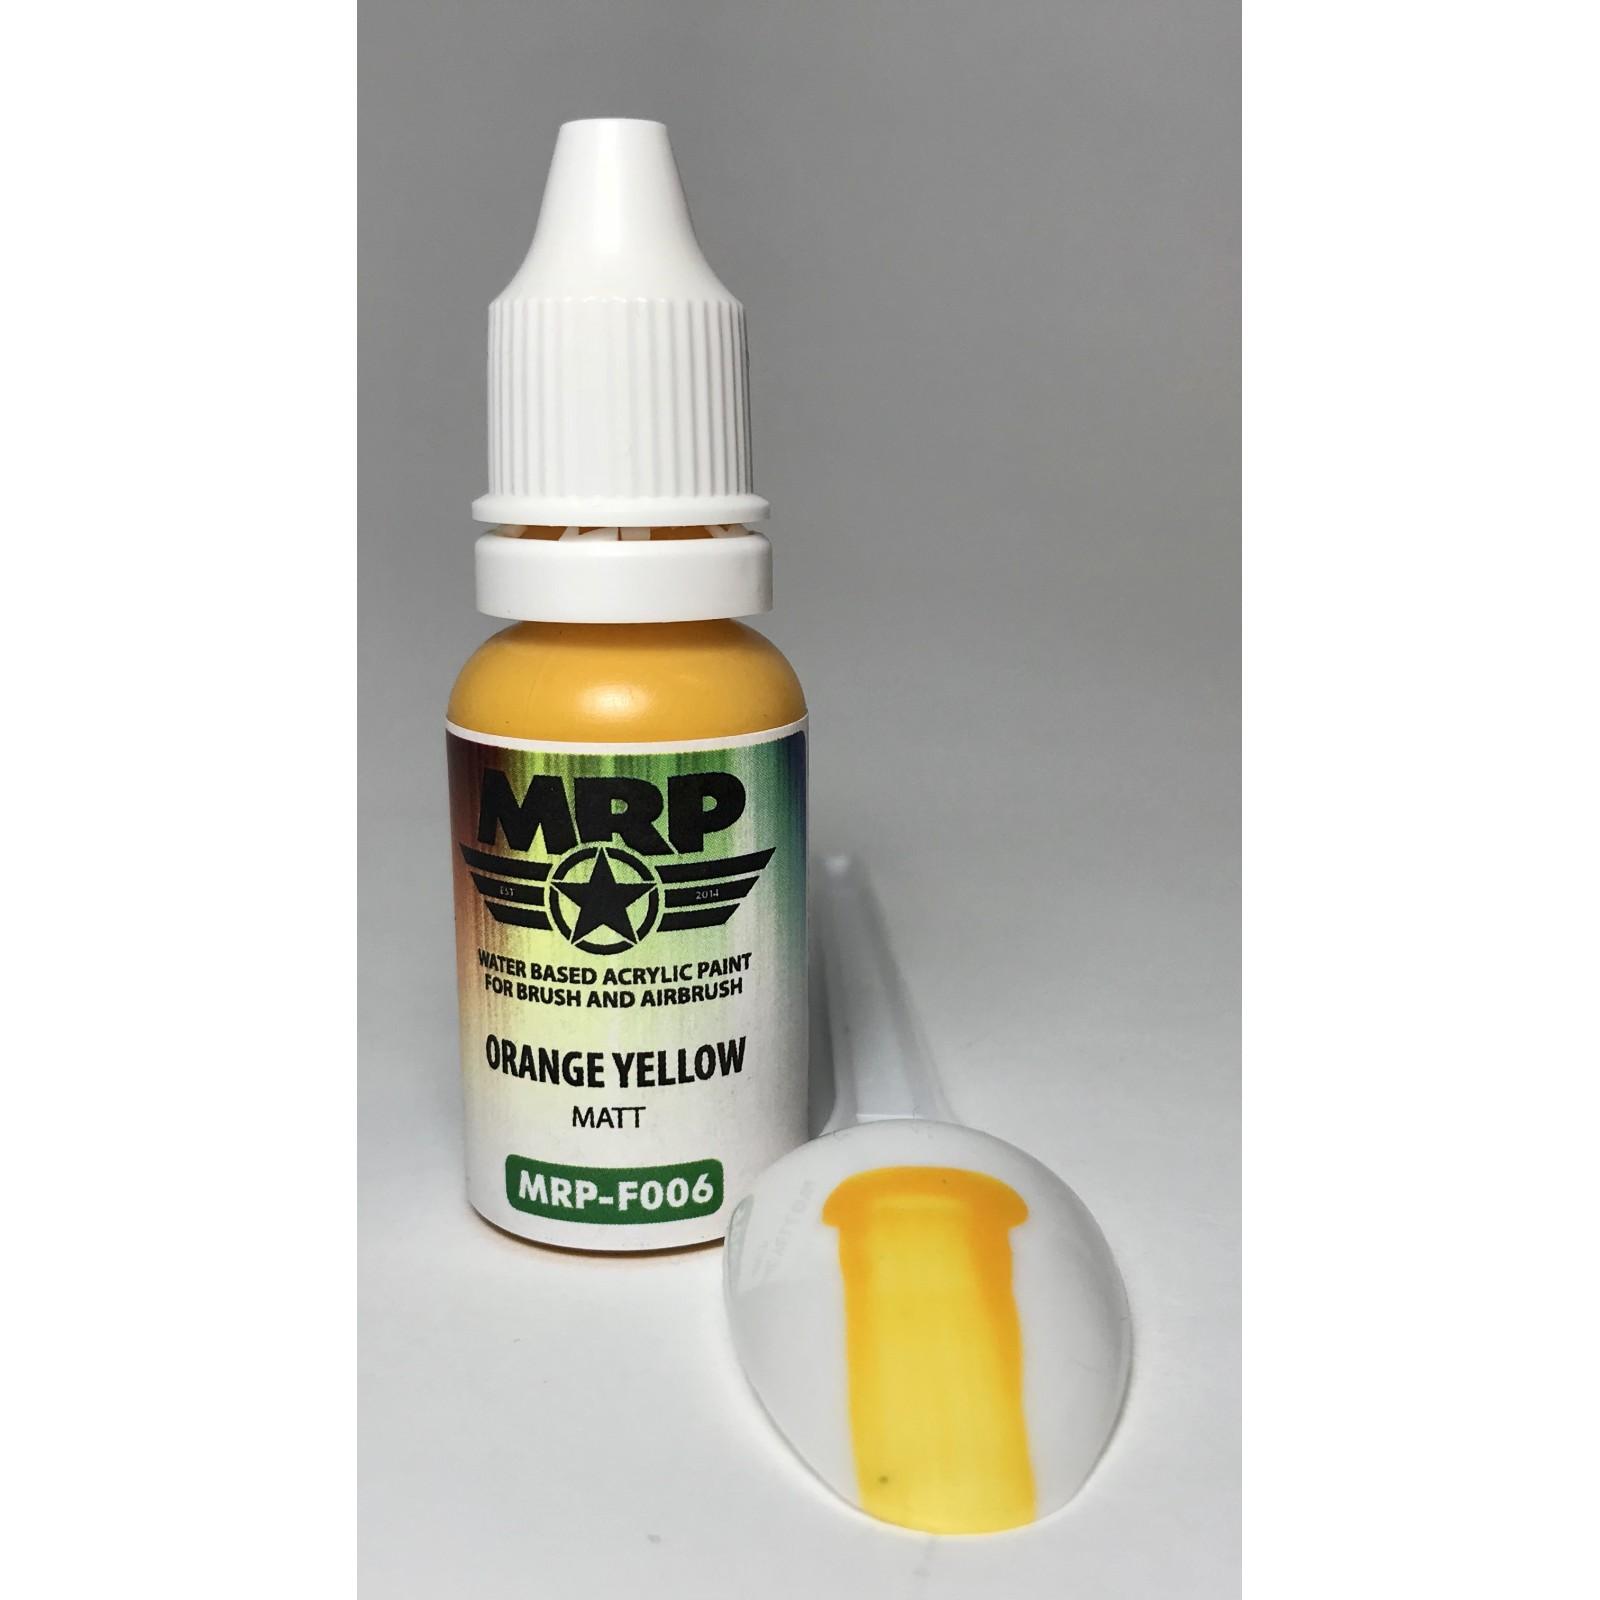 MRP-F006   Orange Yellow